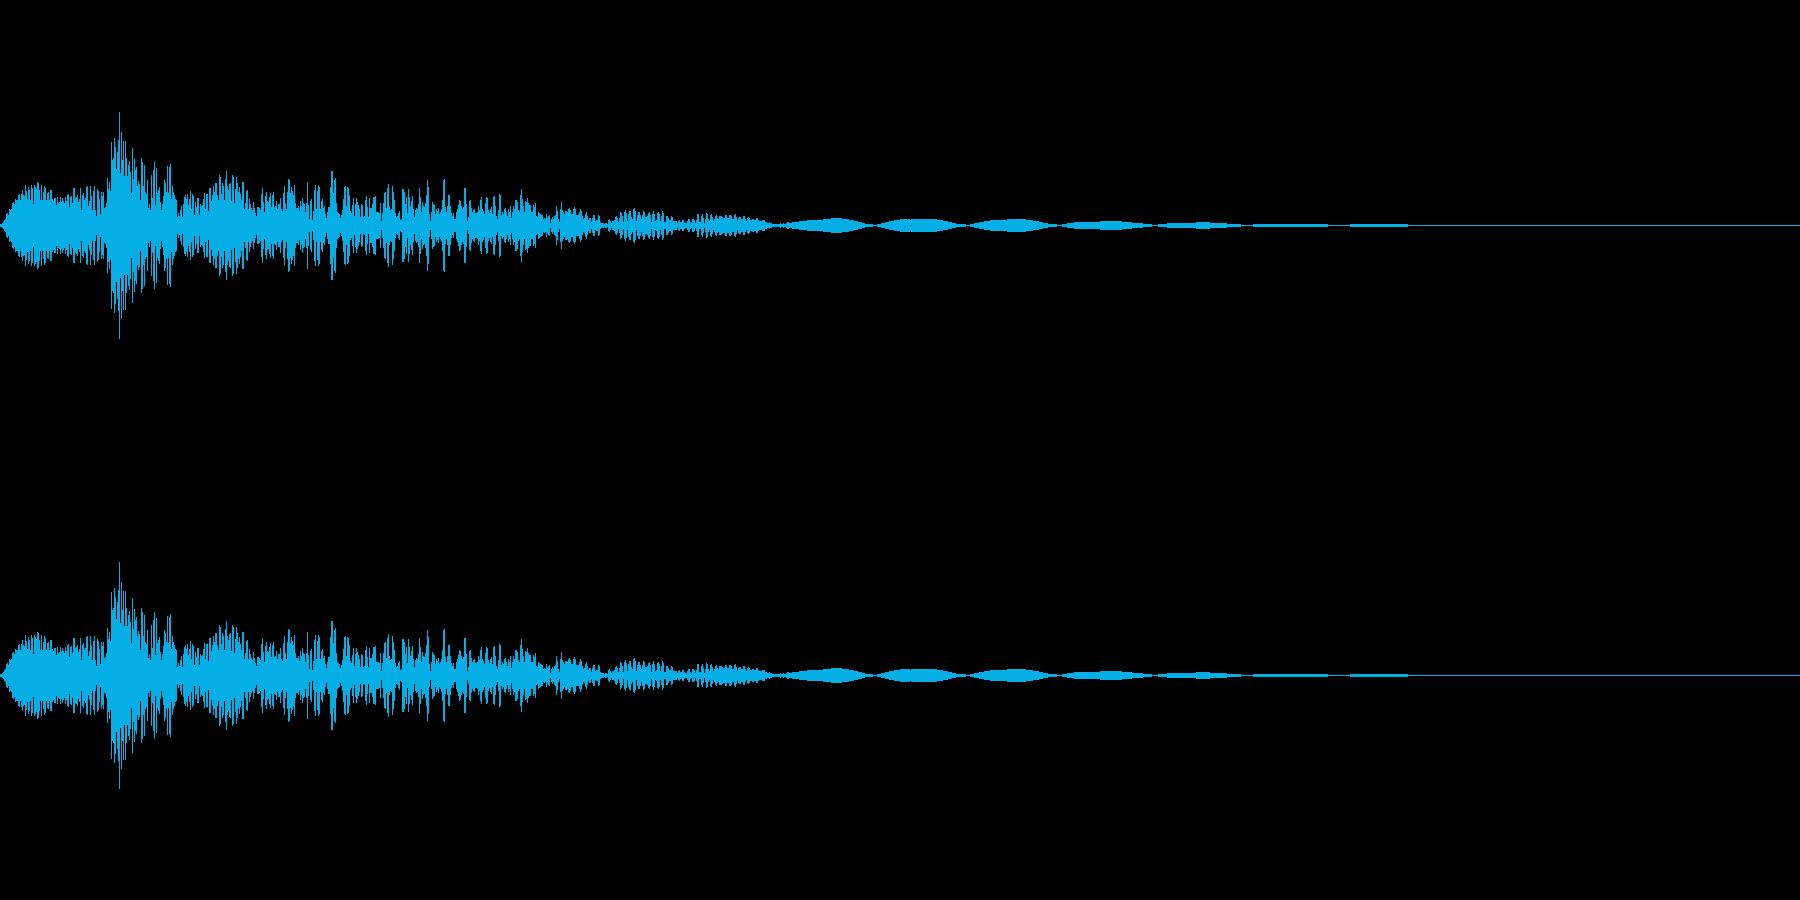 [ピョン]カーソル移動(短くコミカル)の再生済みの波形